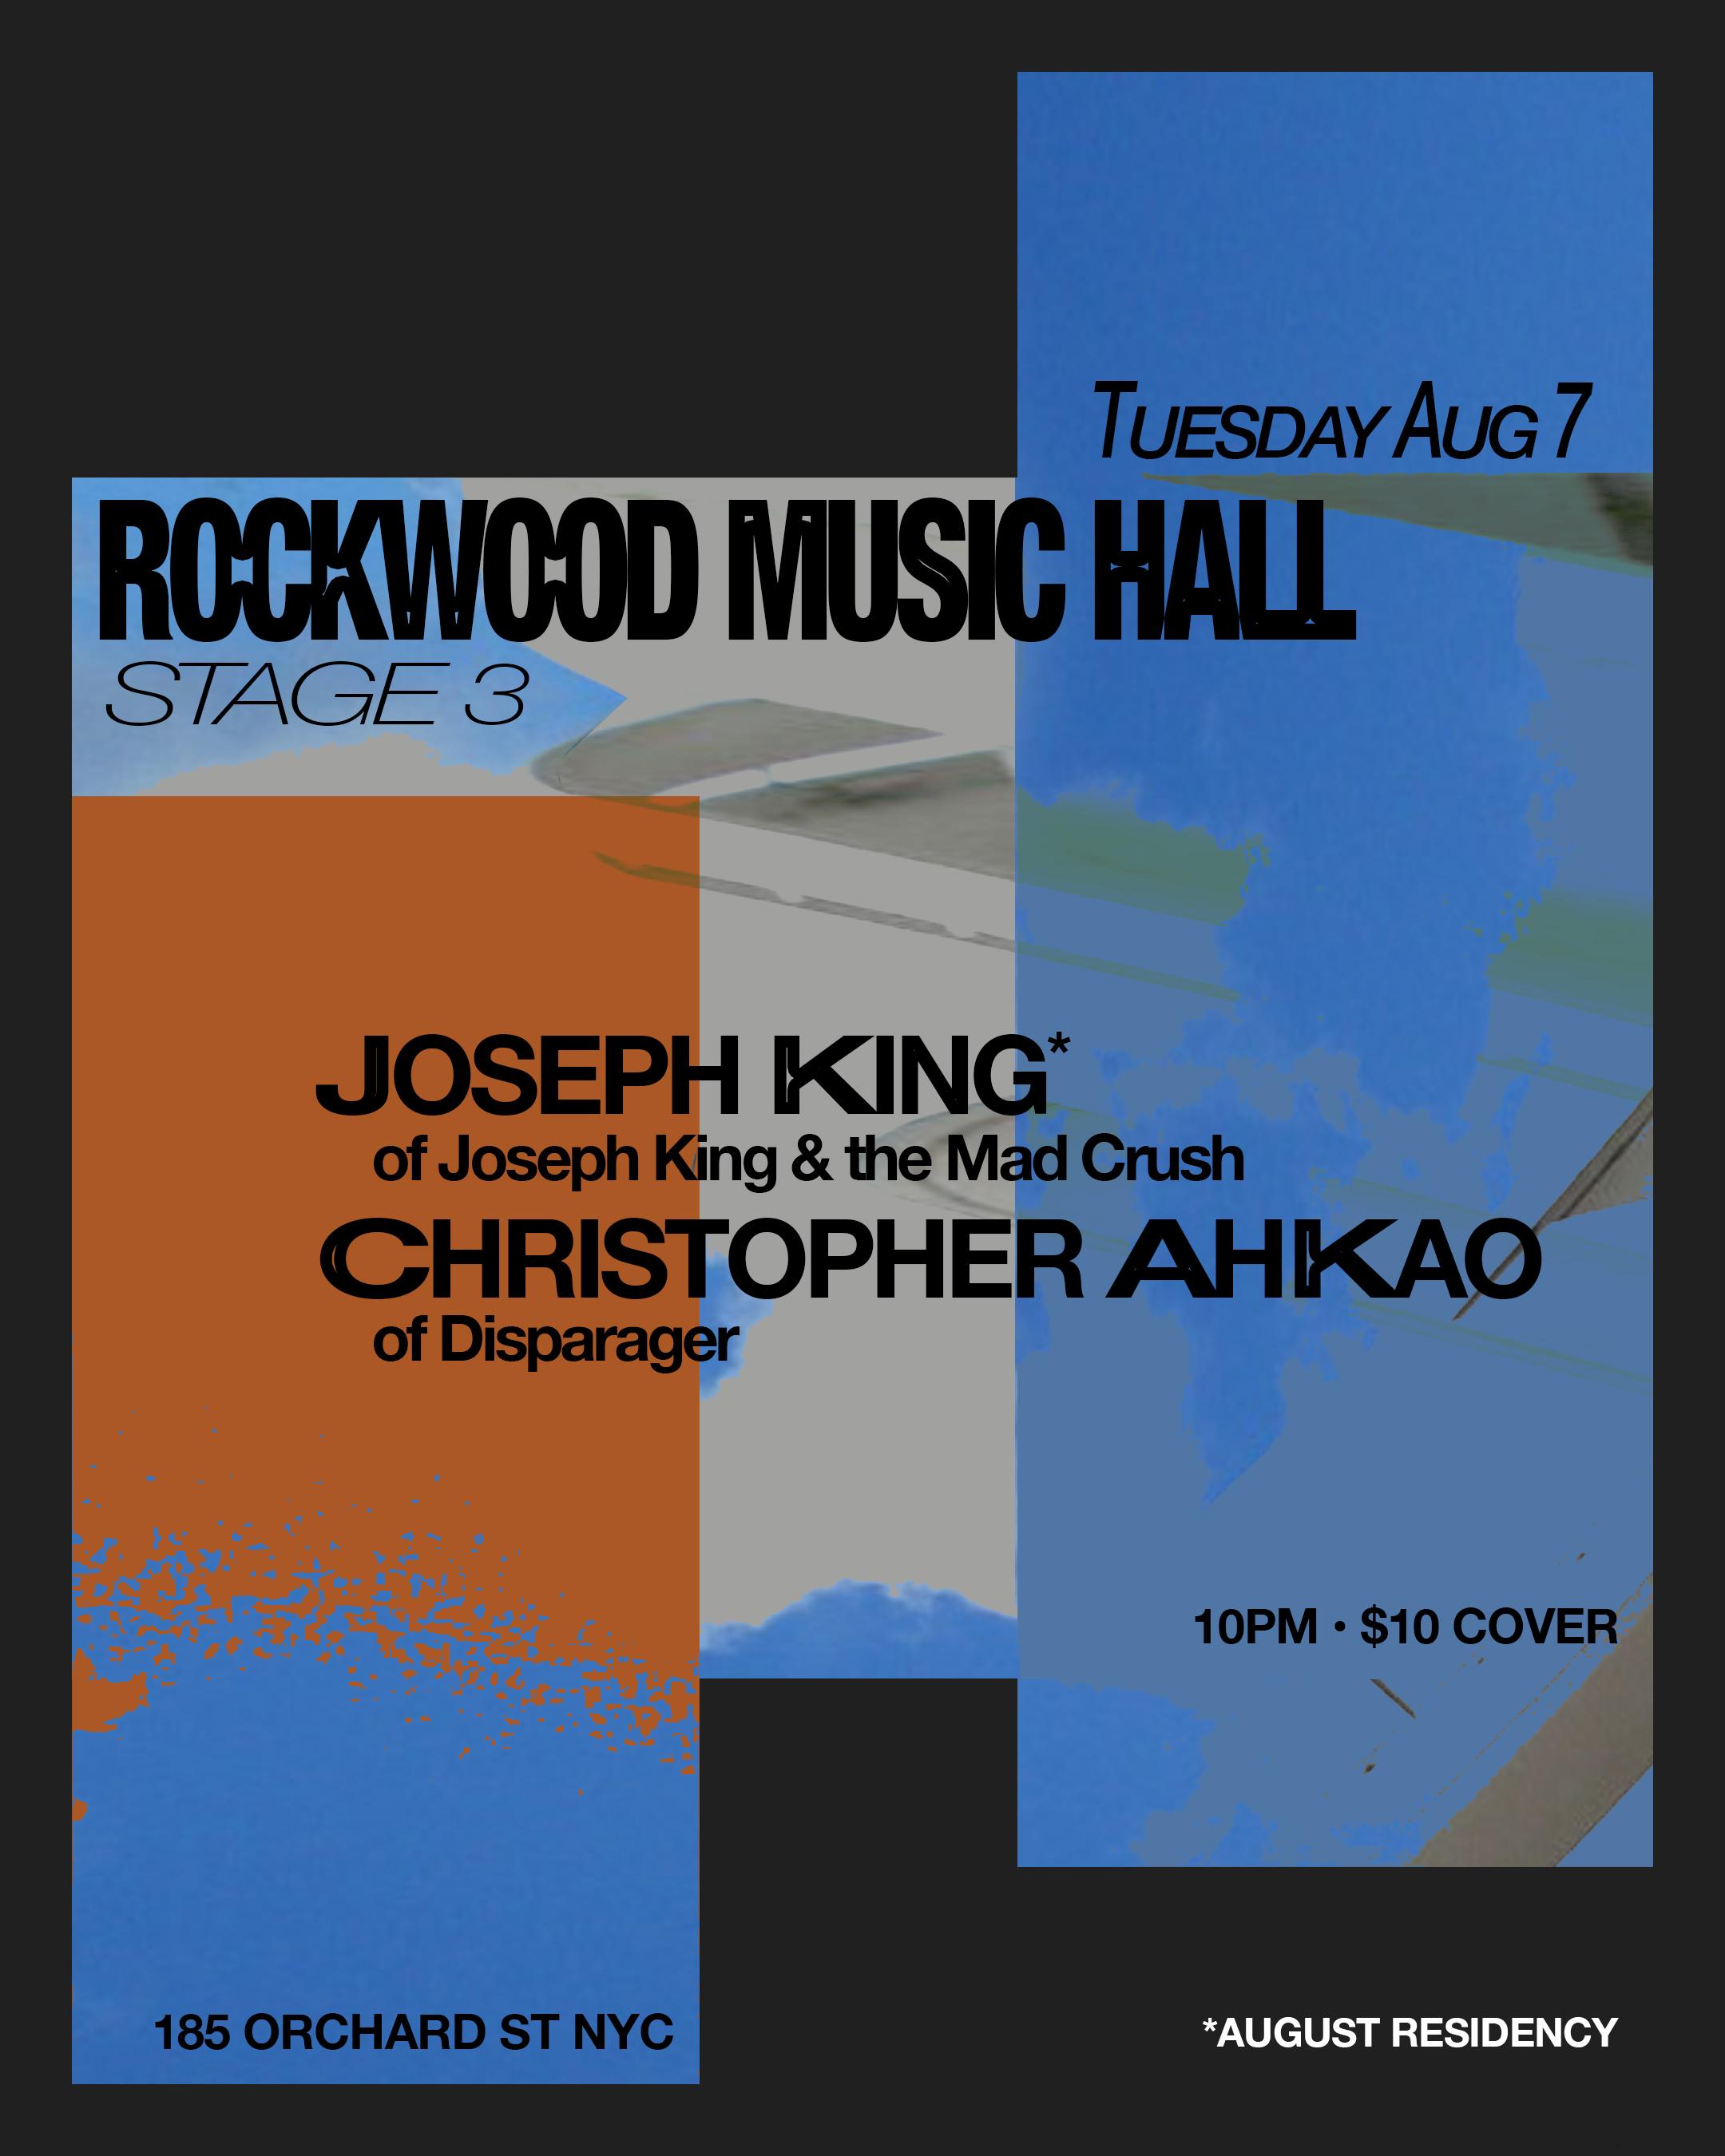 joseph king aug 7.jpg